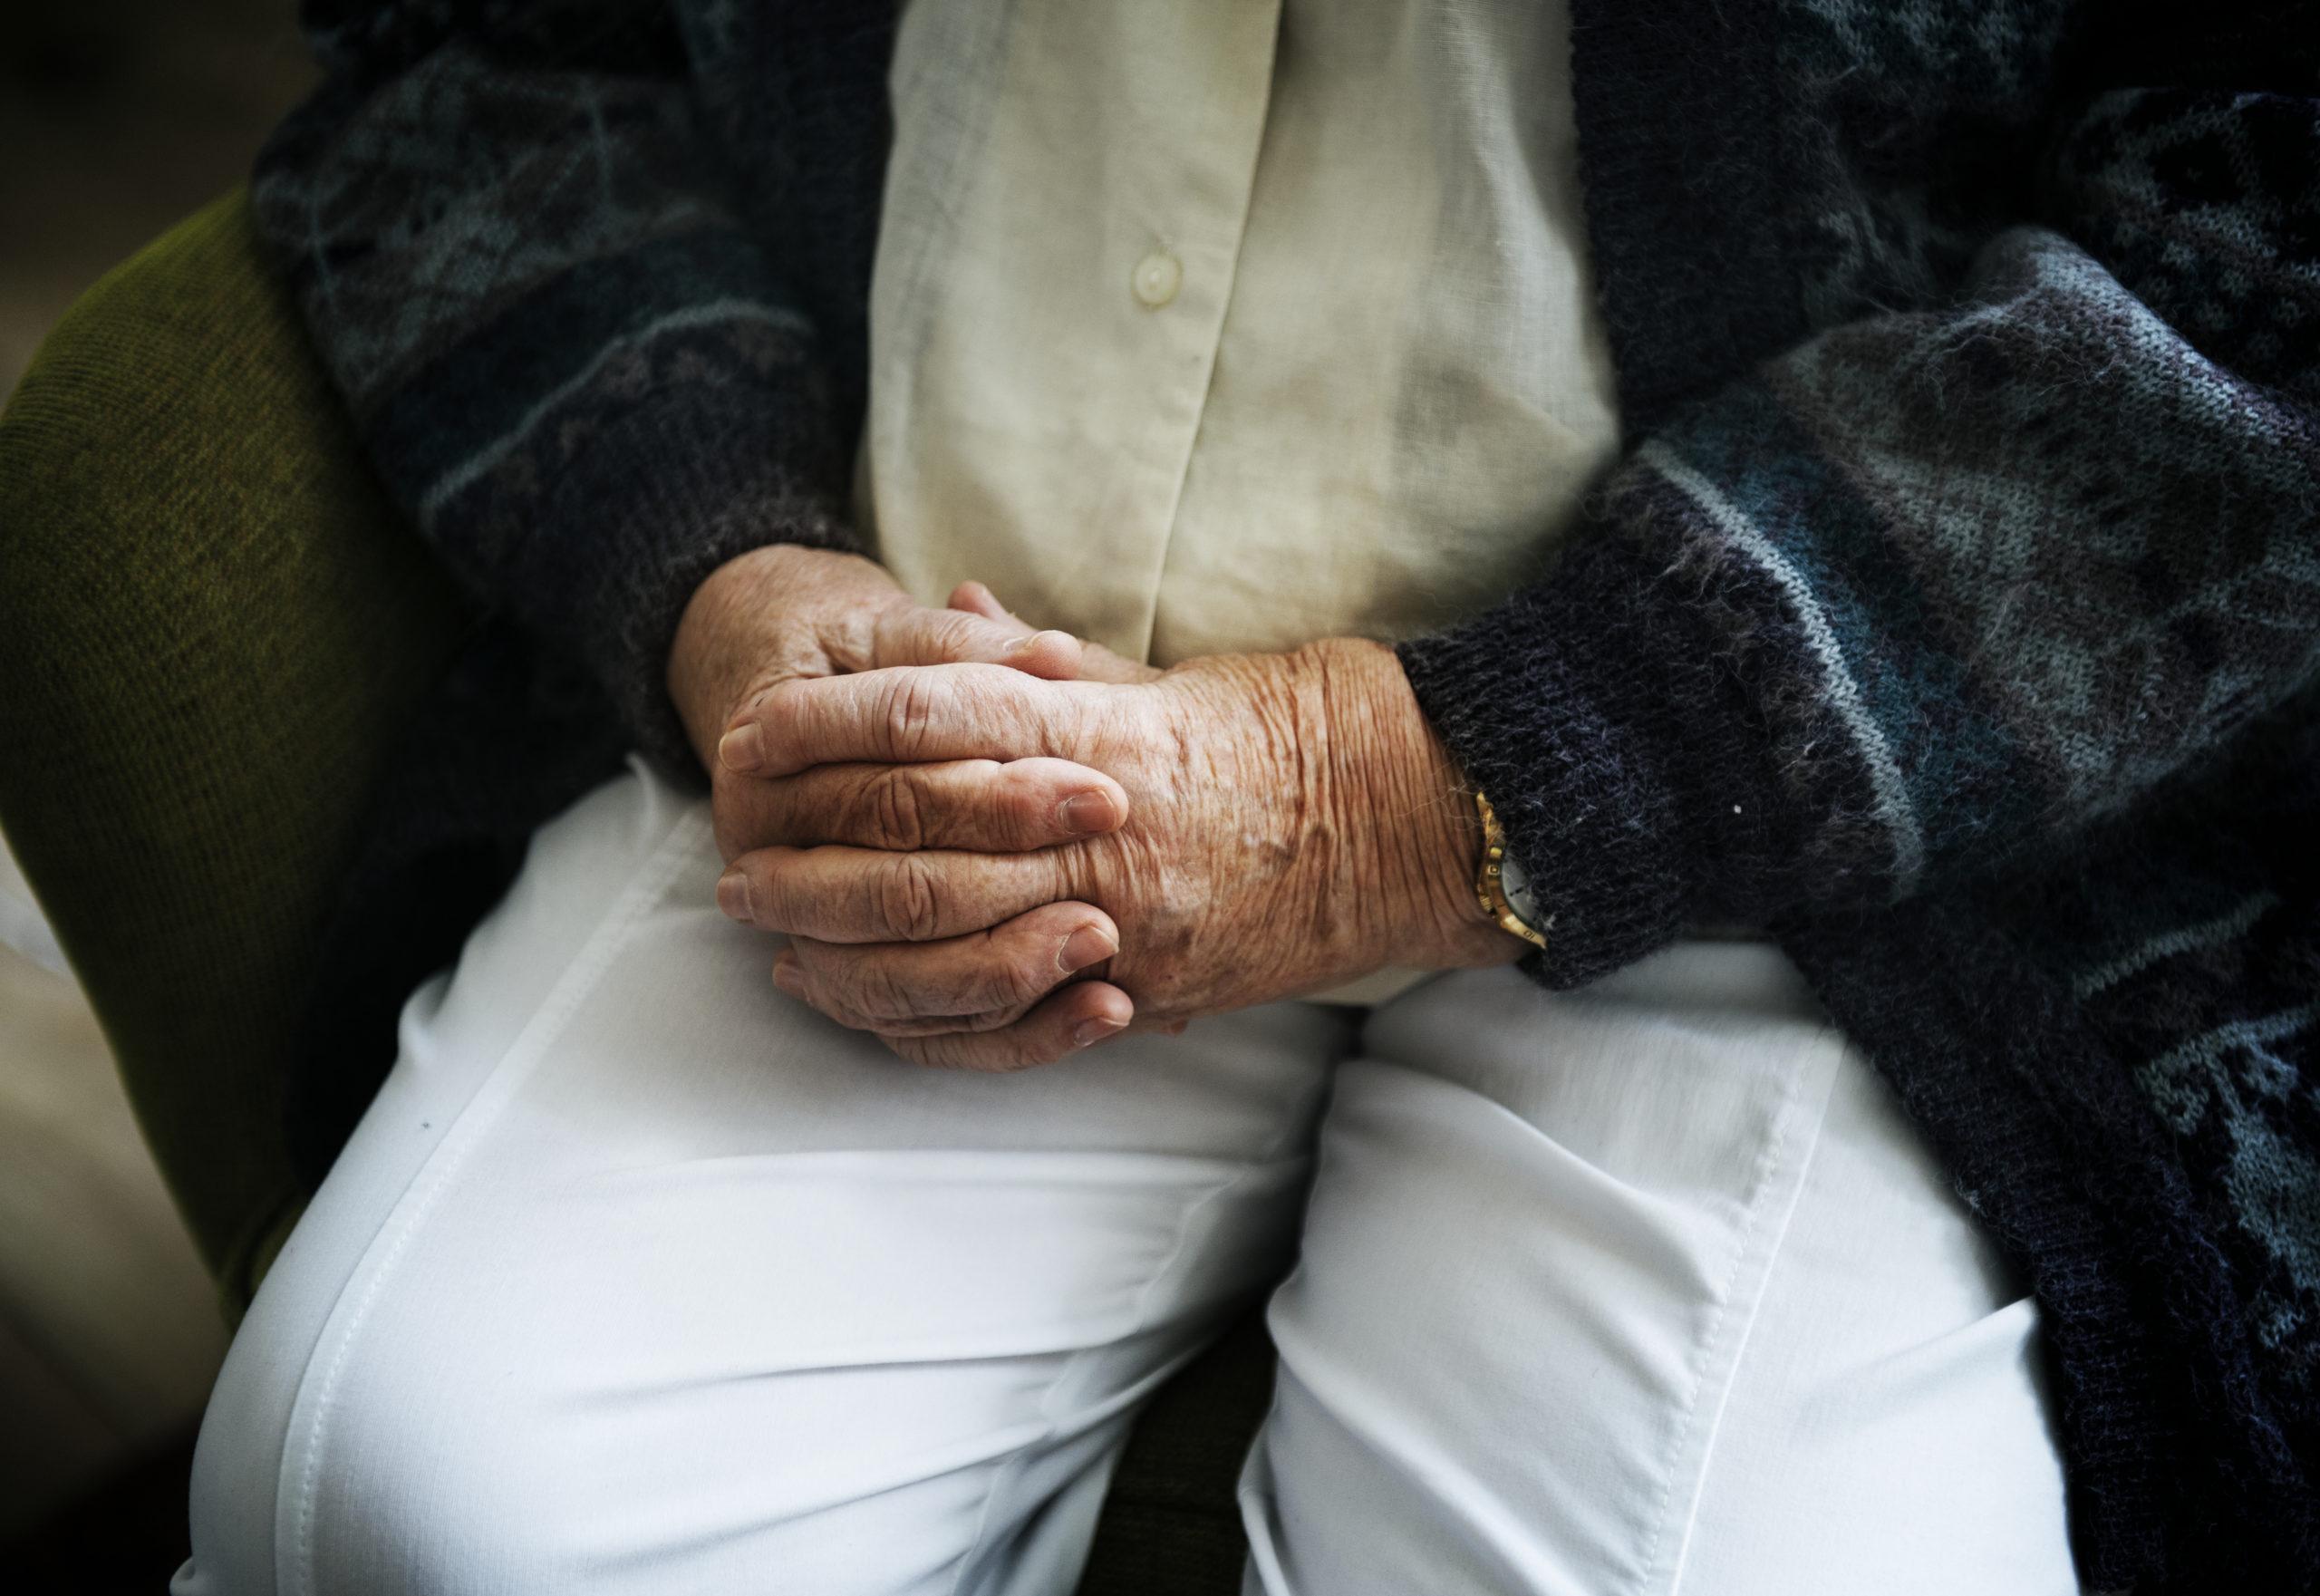 residencias-de-mayores-fisioterapia-terapia-ocupacional